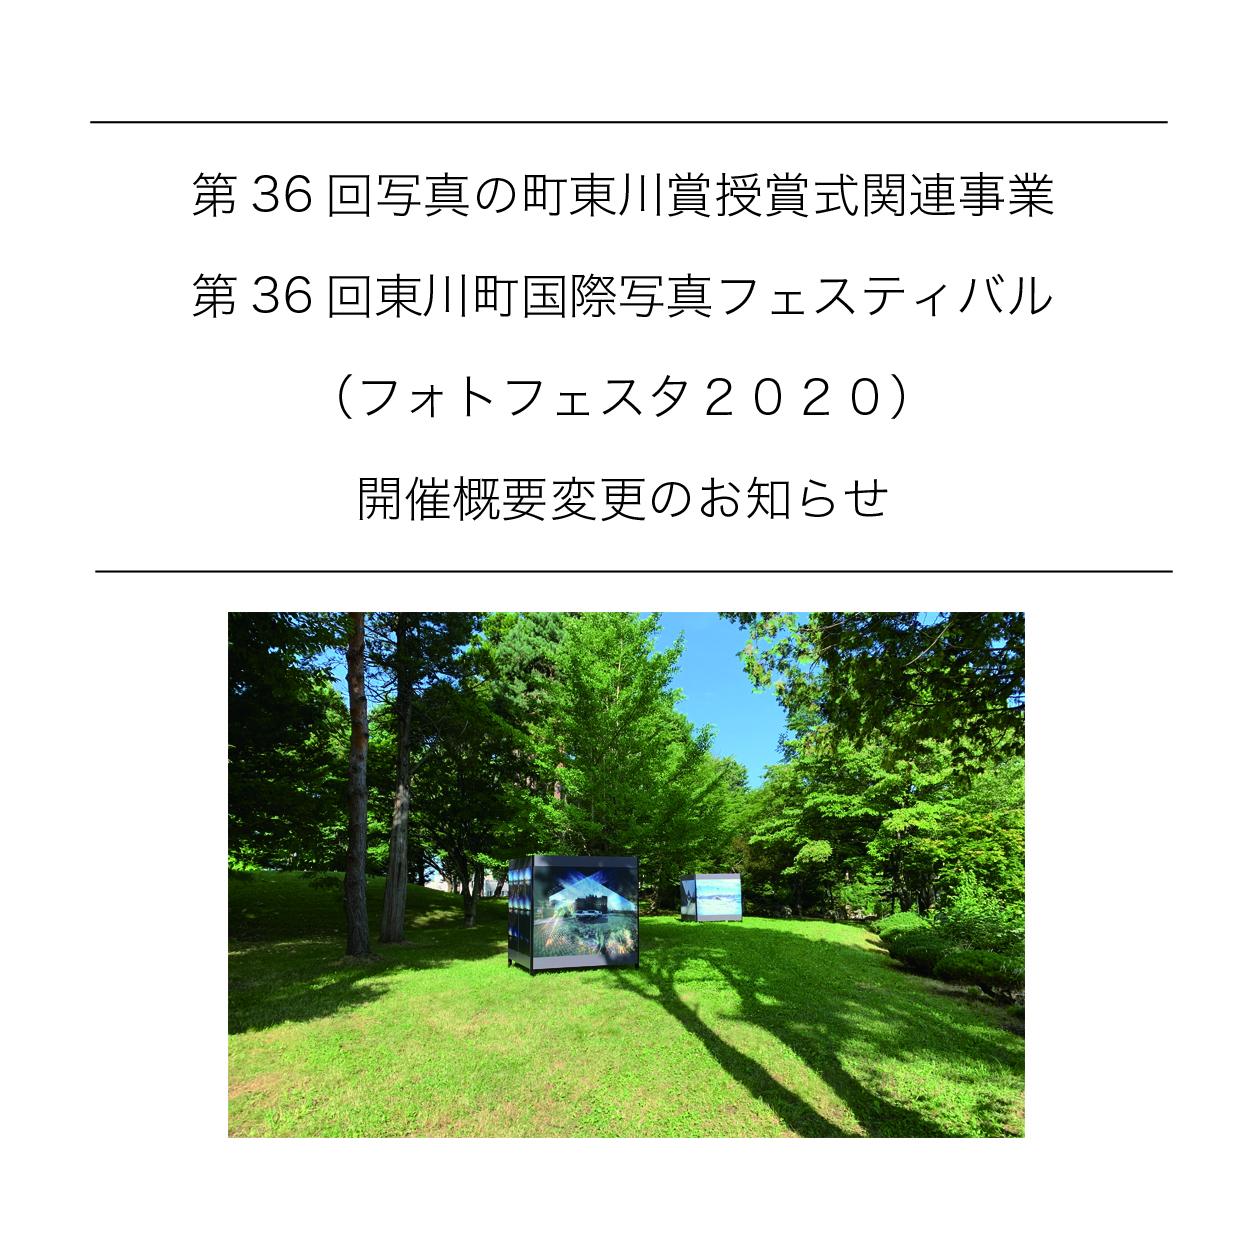 第36回写真の町東川賞授賞式関連事業・第36回東川町国際写真フェスティバル(フォトフェスタ2020)・開催概要の変更について